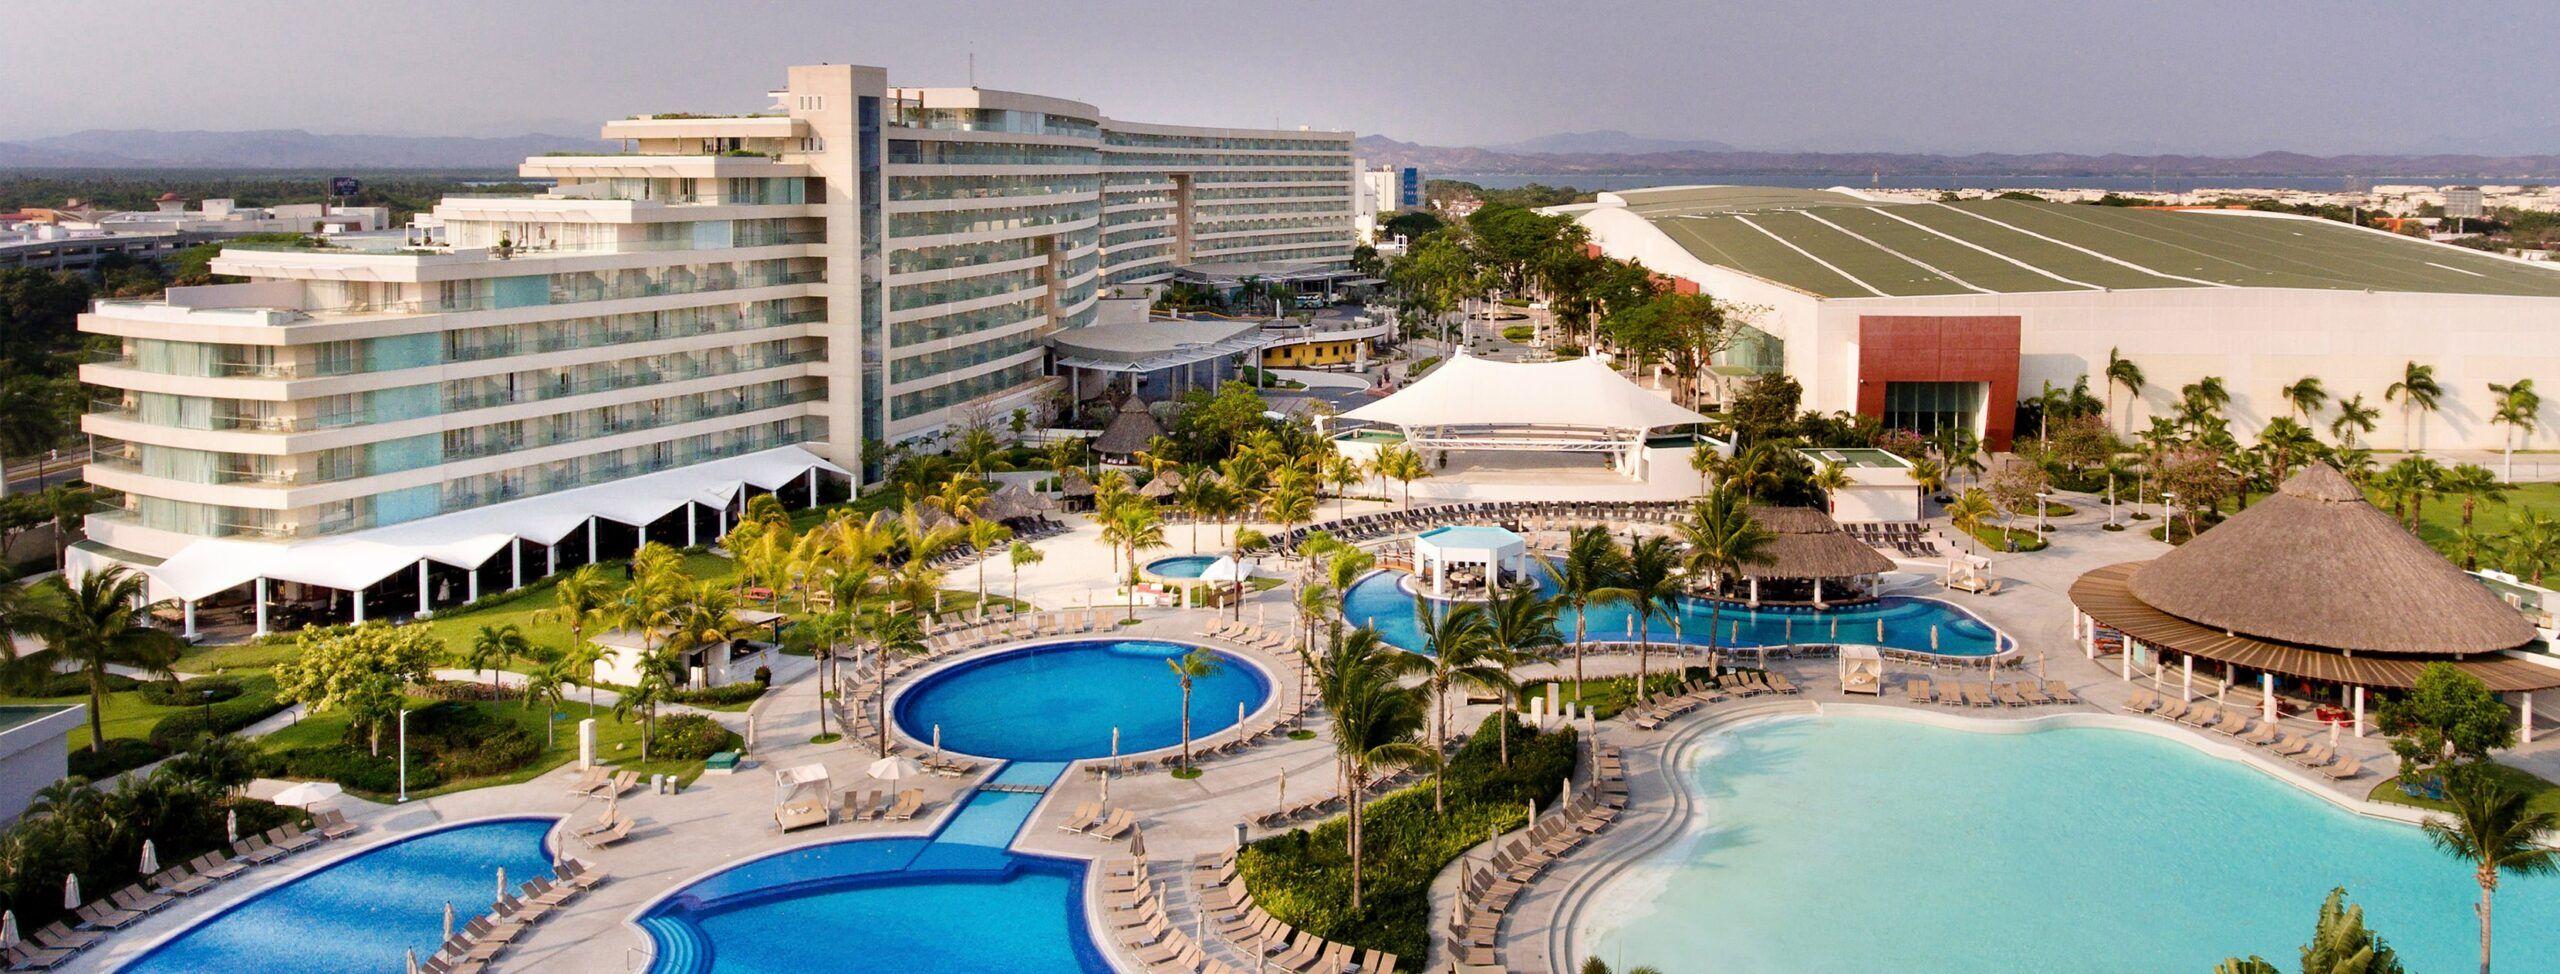 mundo-imperial-planea-invertir-250-mdp-en-nuevo-hotel-en-acapulco-alt